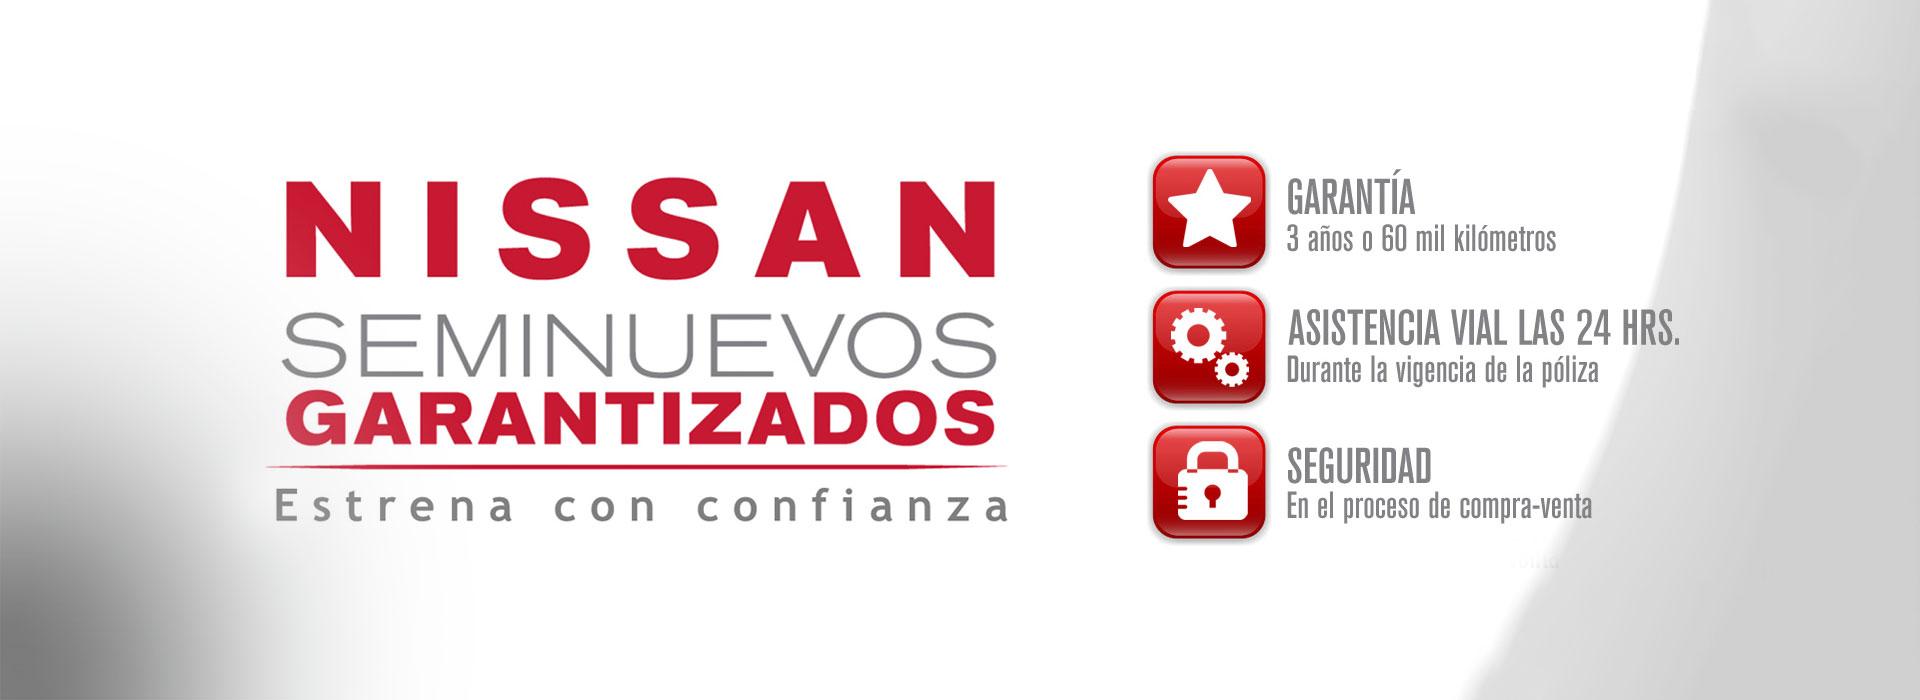 Seminuevos Garantizados Nissan, Estrena con confianza